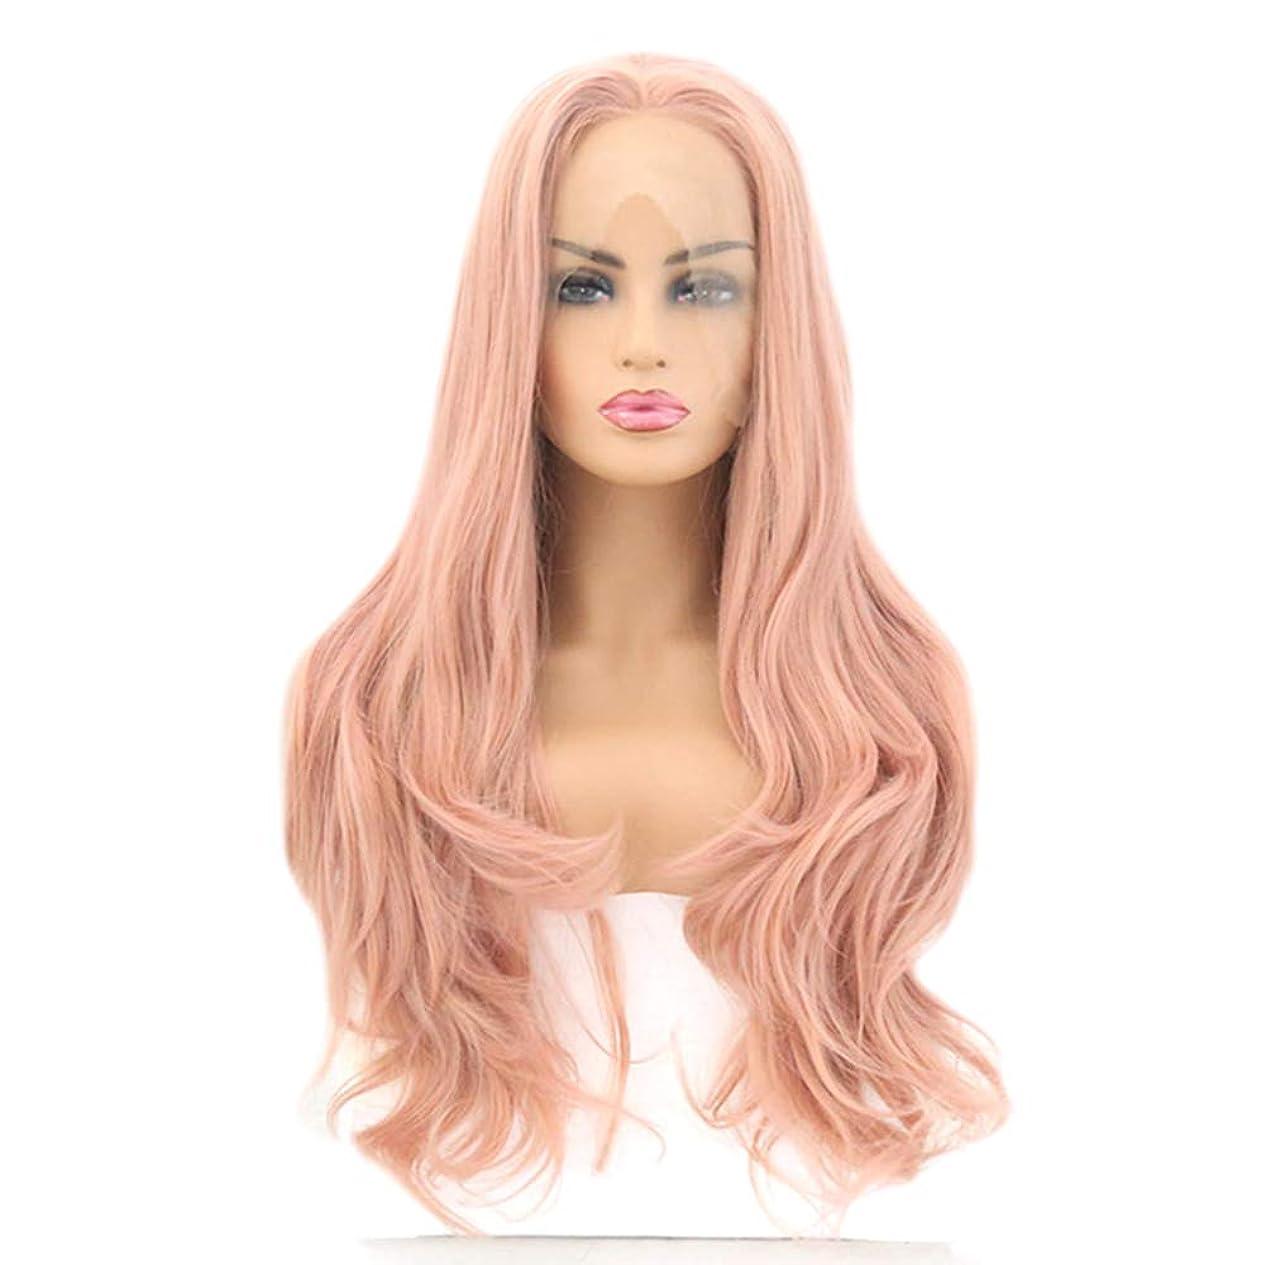 平方自我取り扱いファッション女性のかつら、自然なフロントレースオレンジ波状トウモロコシの長い髪のかつら、任意の頭の形のための調節可能なかつら16-26インチ